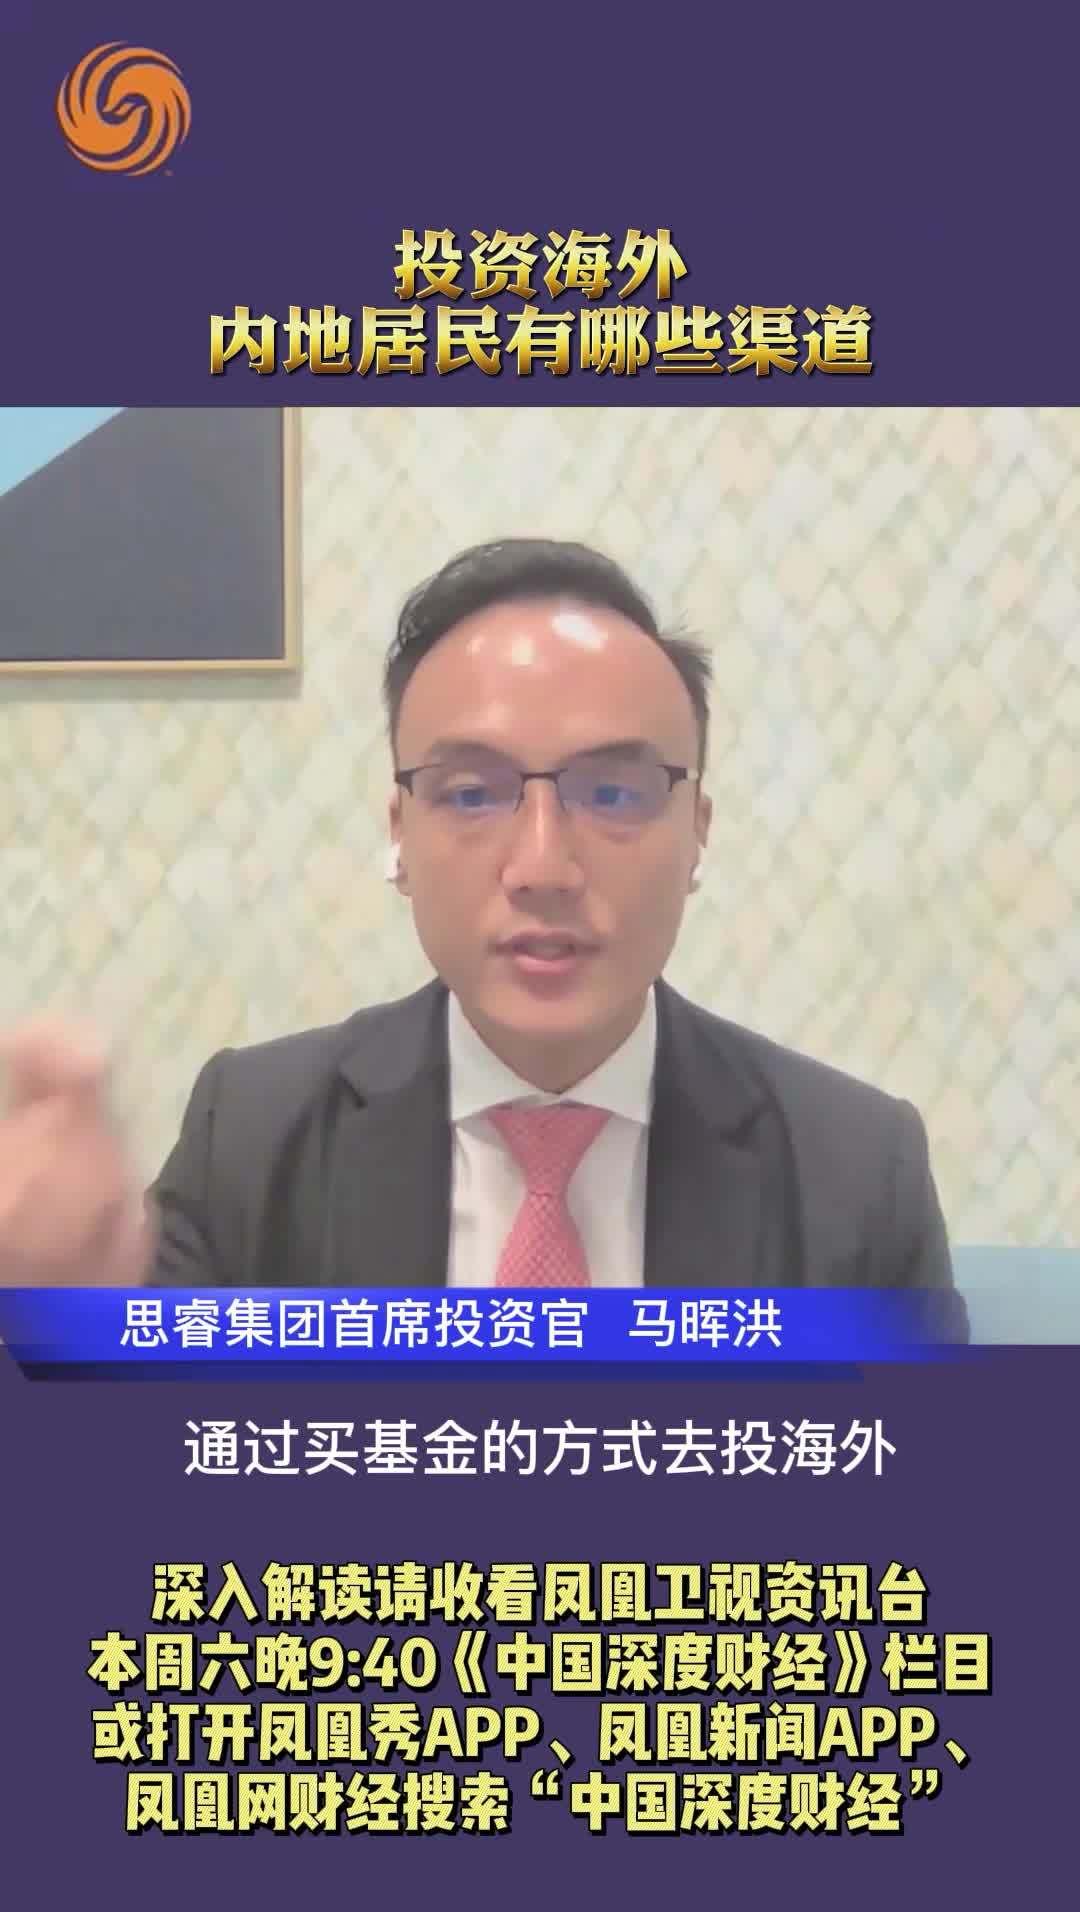 马晖洪:投资海外 内地居民有哪些渠道?